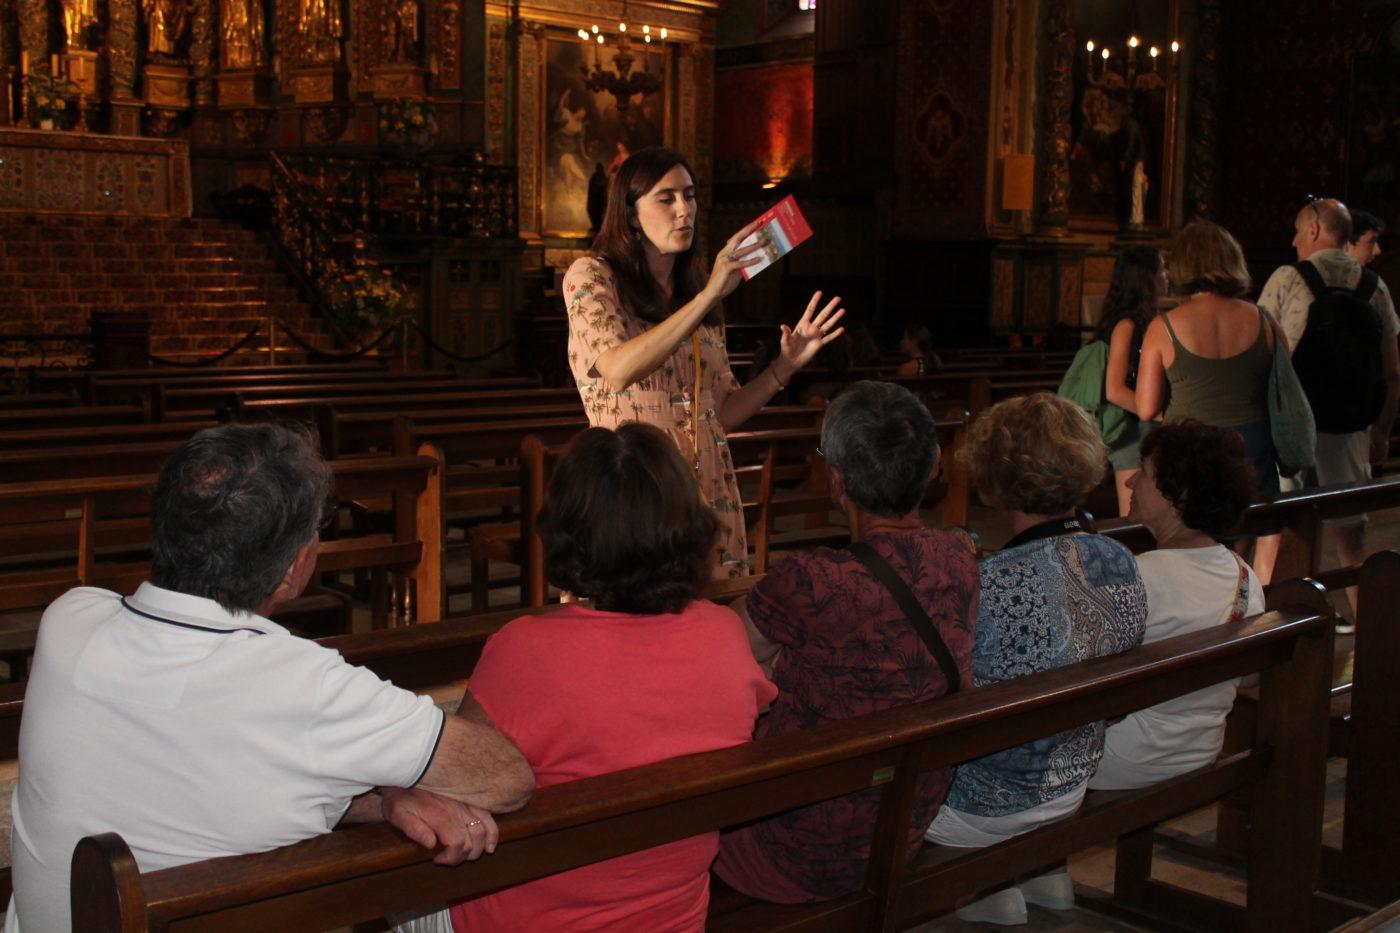 Visite Eglise Saint Jean Baptiste Pah Juillet 2019 (21)